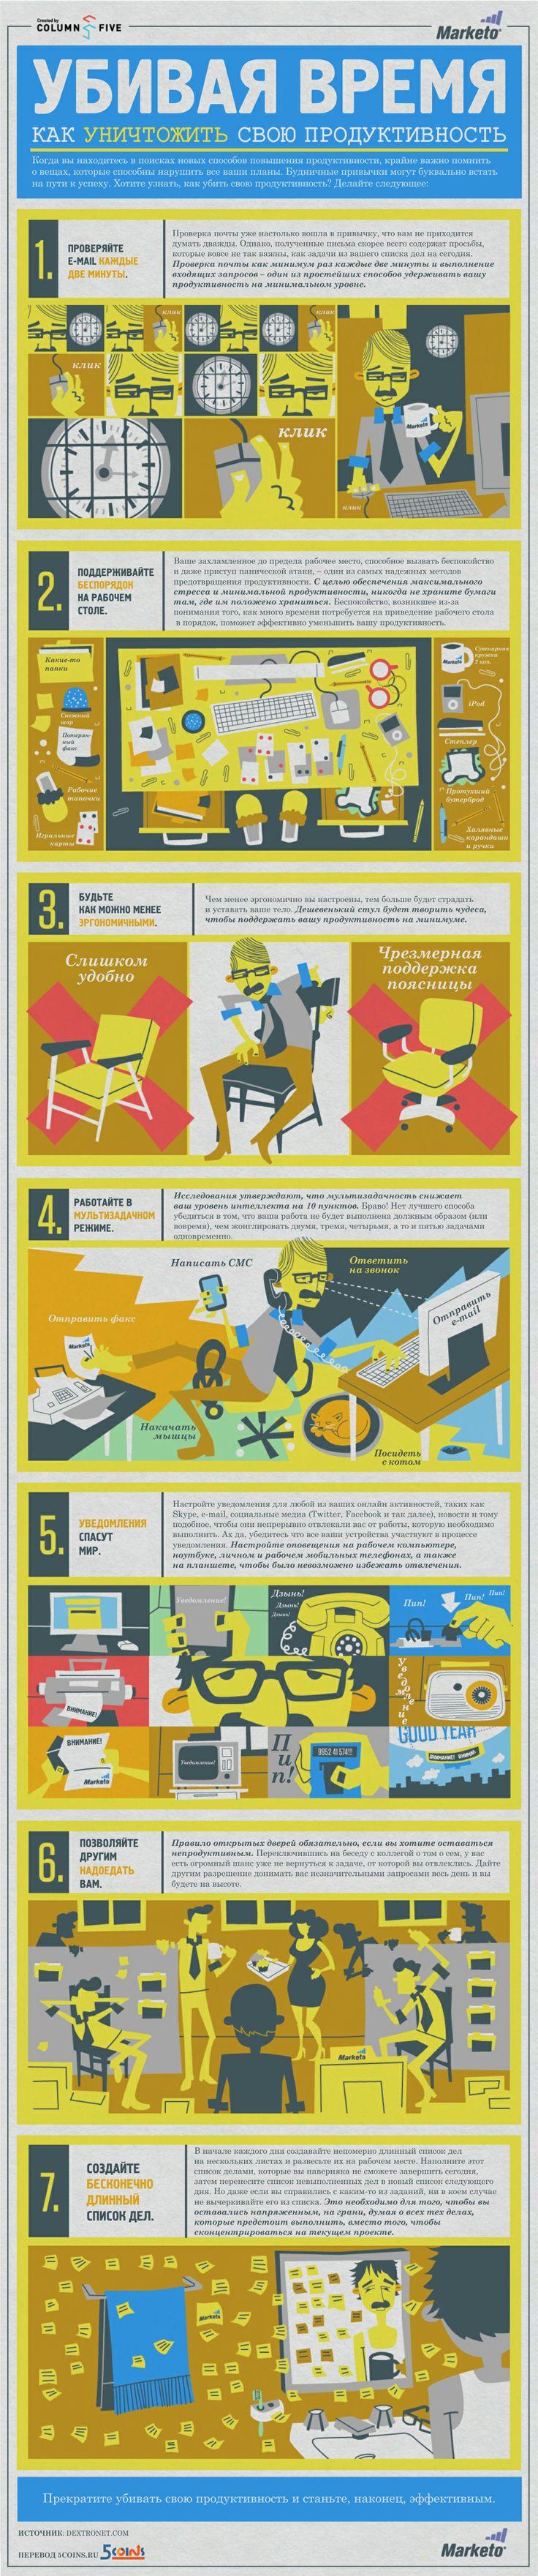 Убить время на работе — задача не из легких. Представляем вашему вниманию 7 важнейших шагов на пути к достижению совершенства в этом незаменимом навыке. #инфографика.